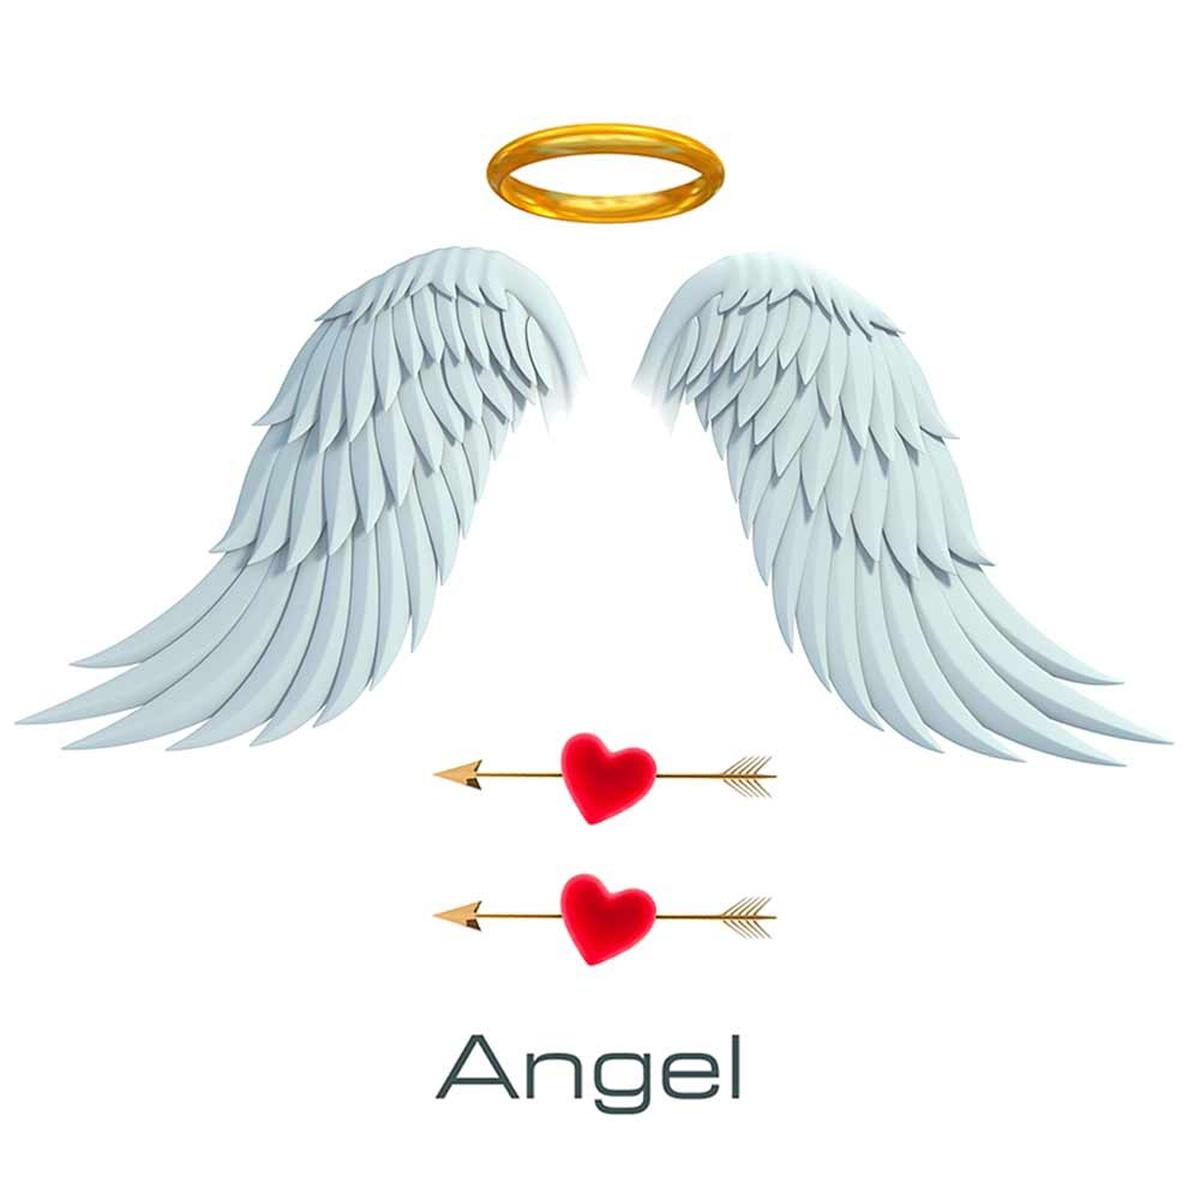 Planche de stickers \'Angel\' (50x70 cm) - [L5452]